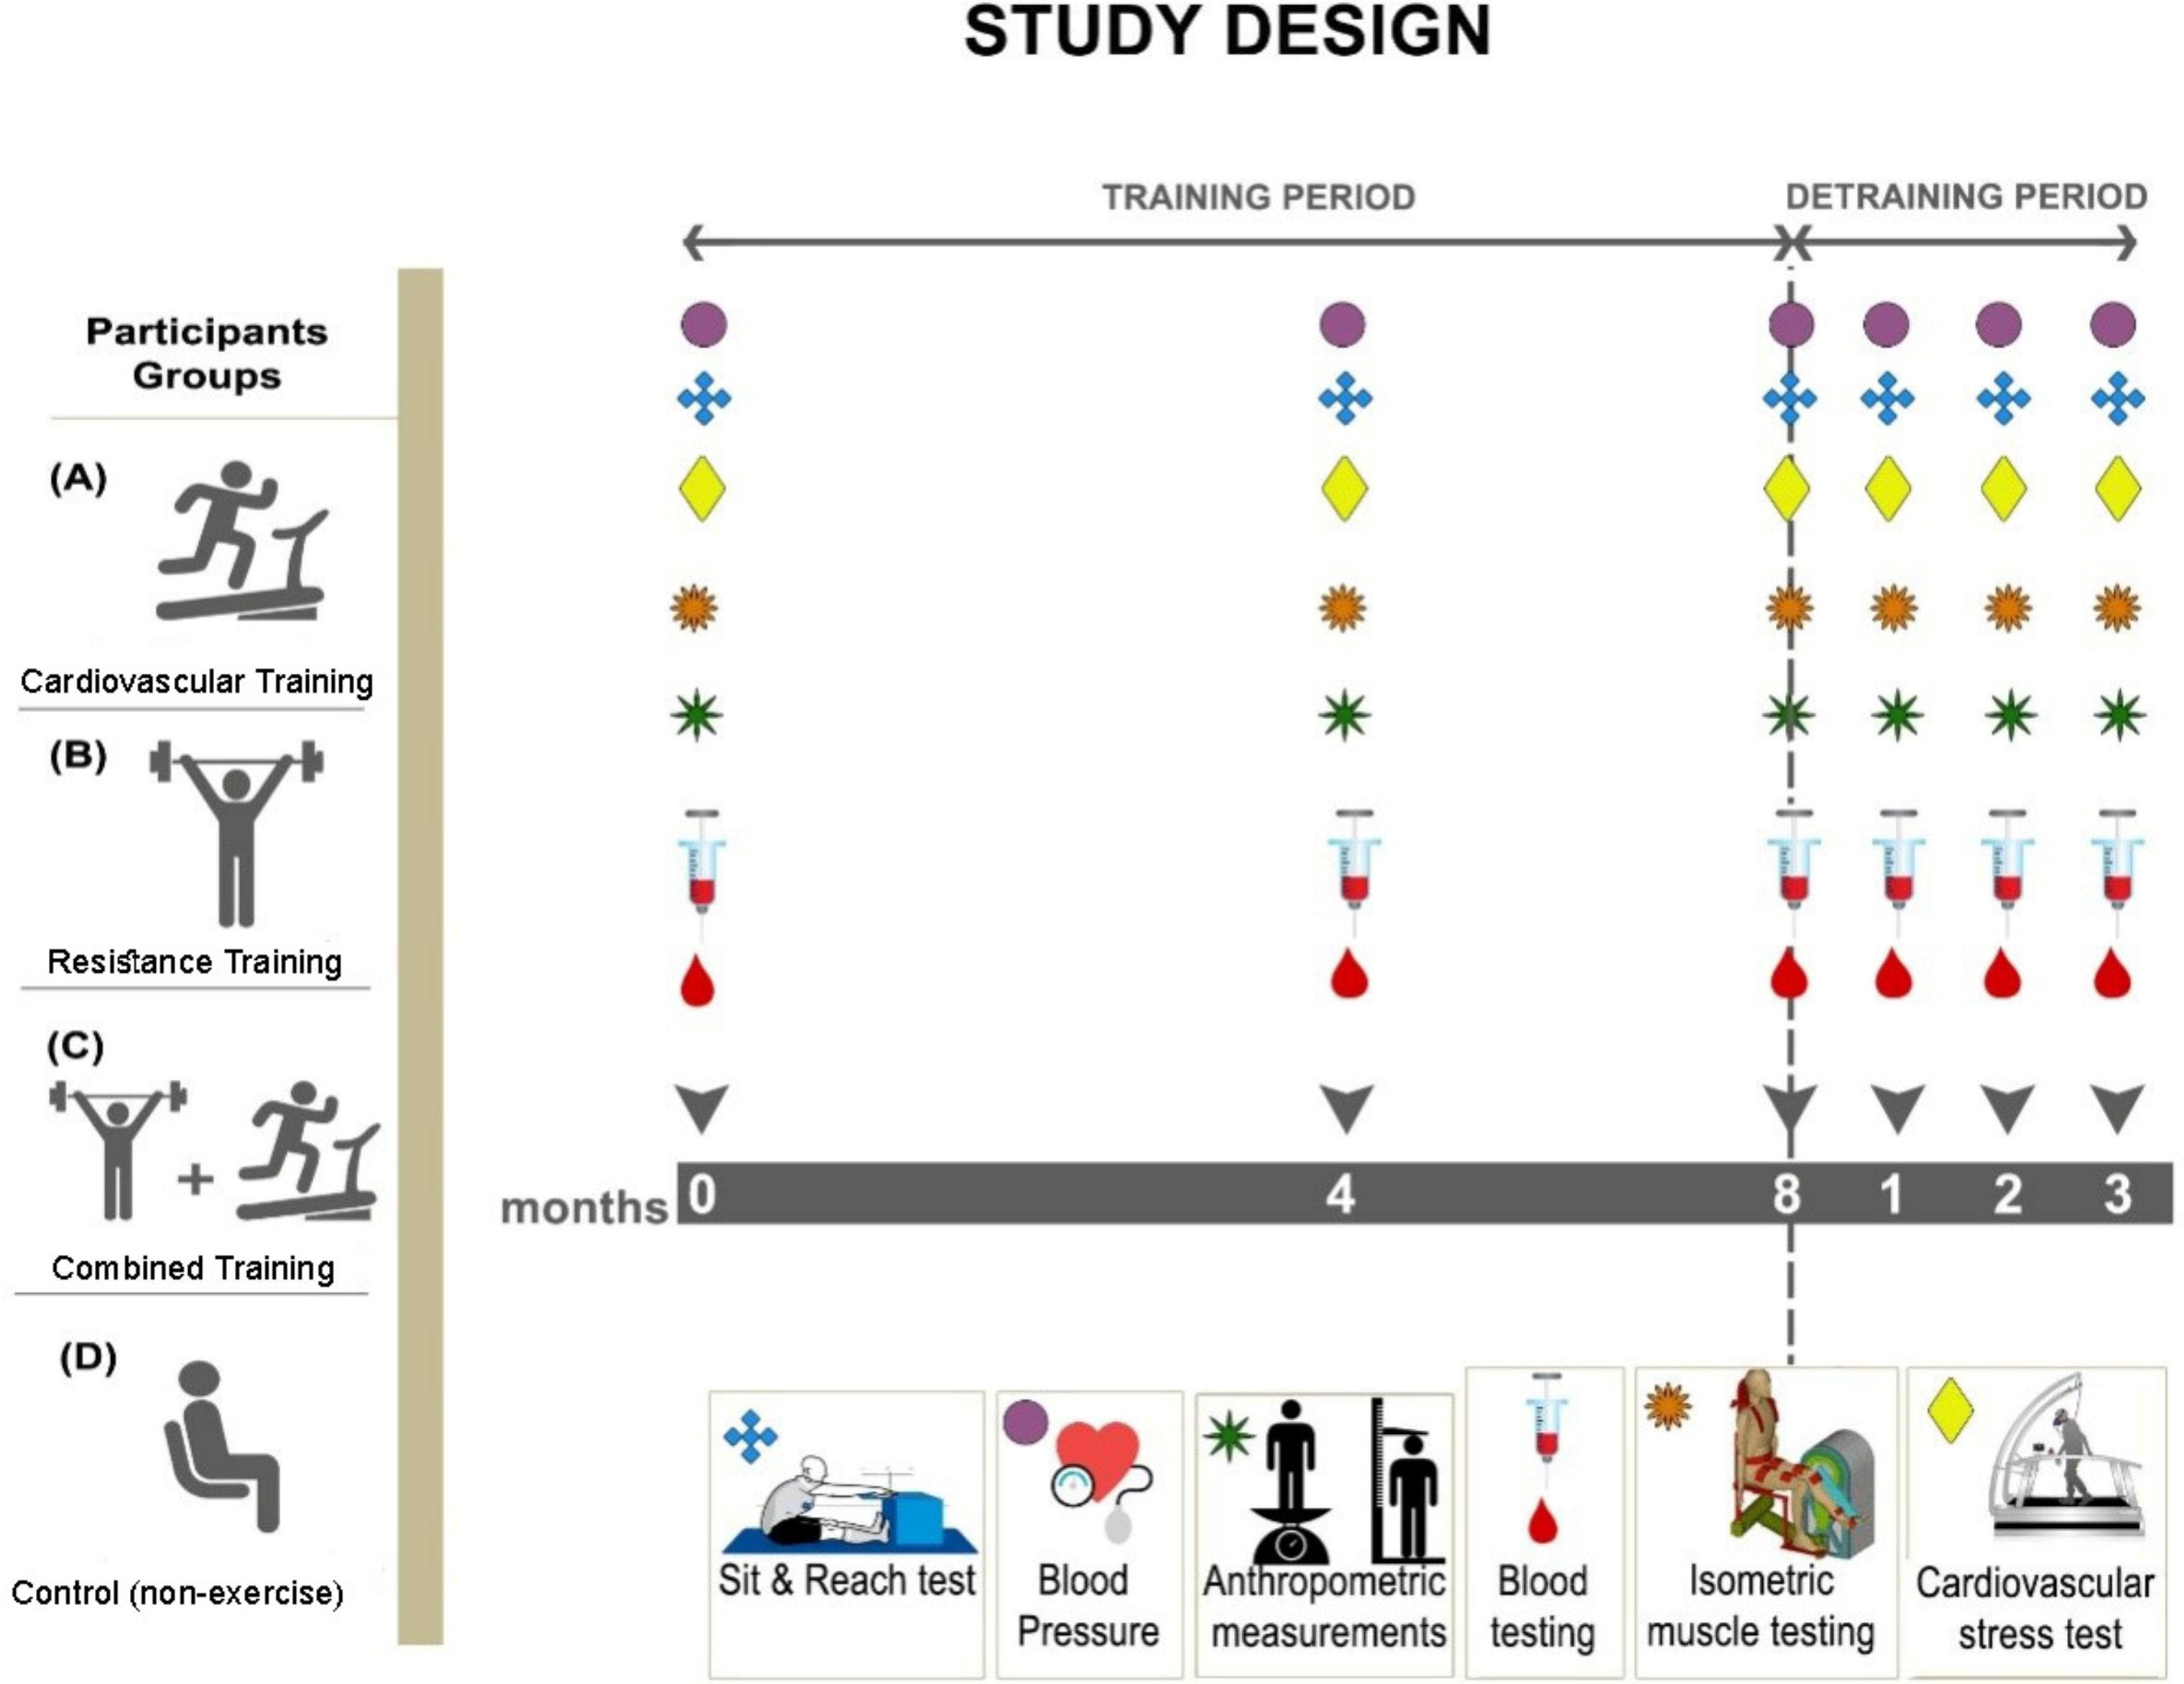 图2.研究设计和数据收集的时间点.png